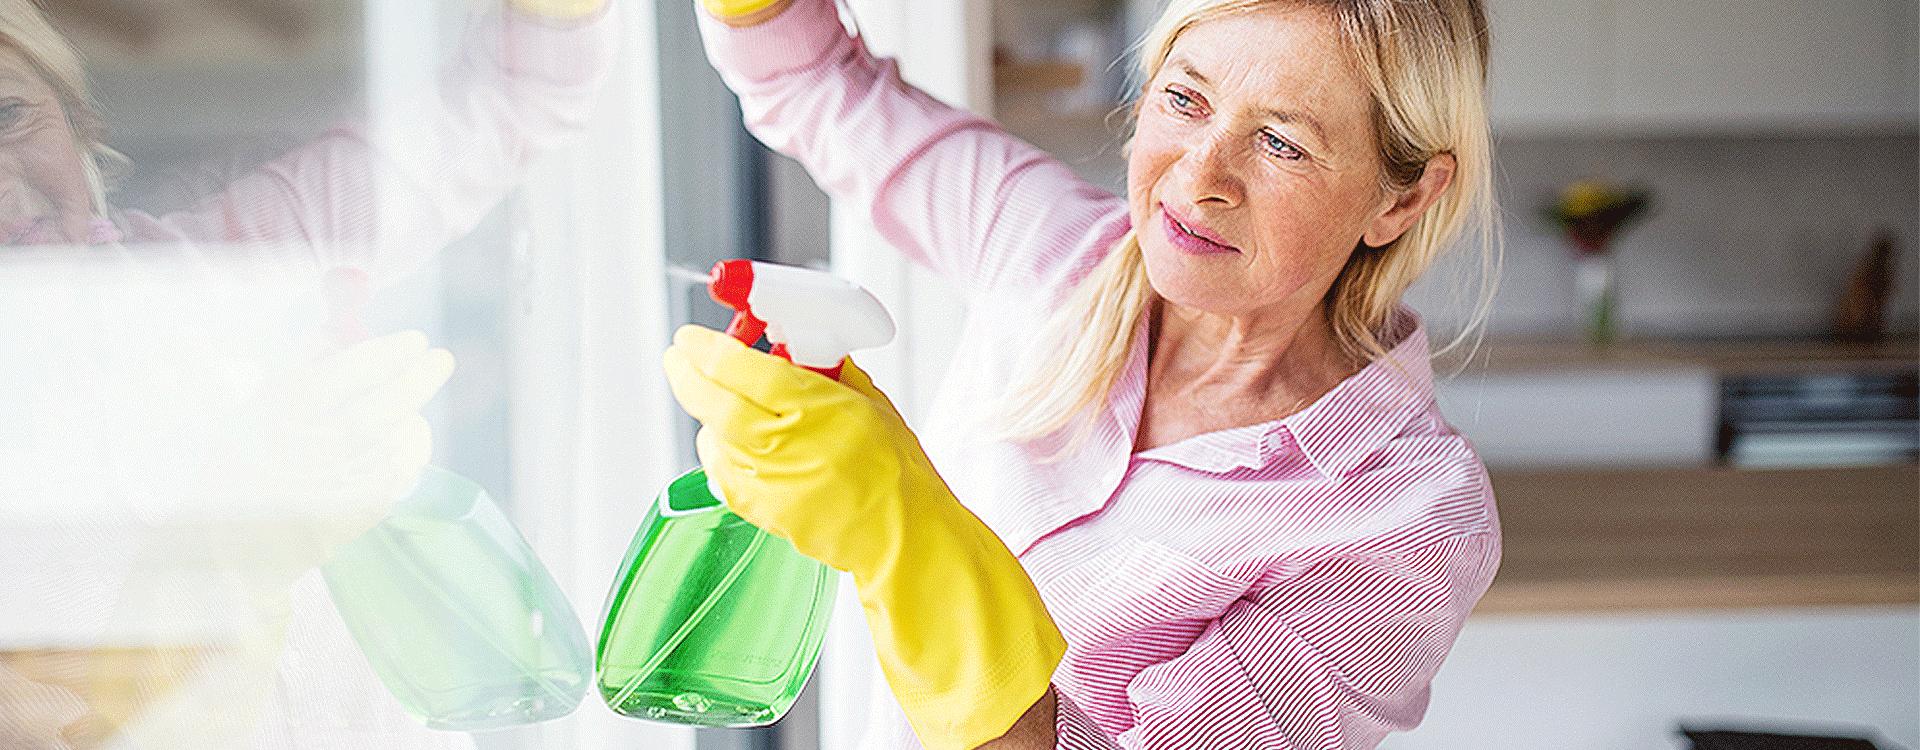 Mycie okien - jak robić to wydajnie?